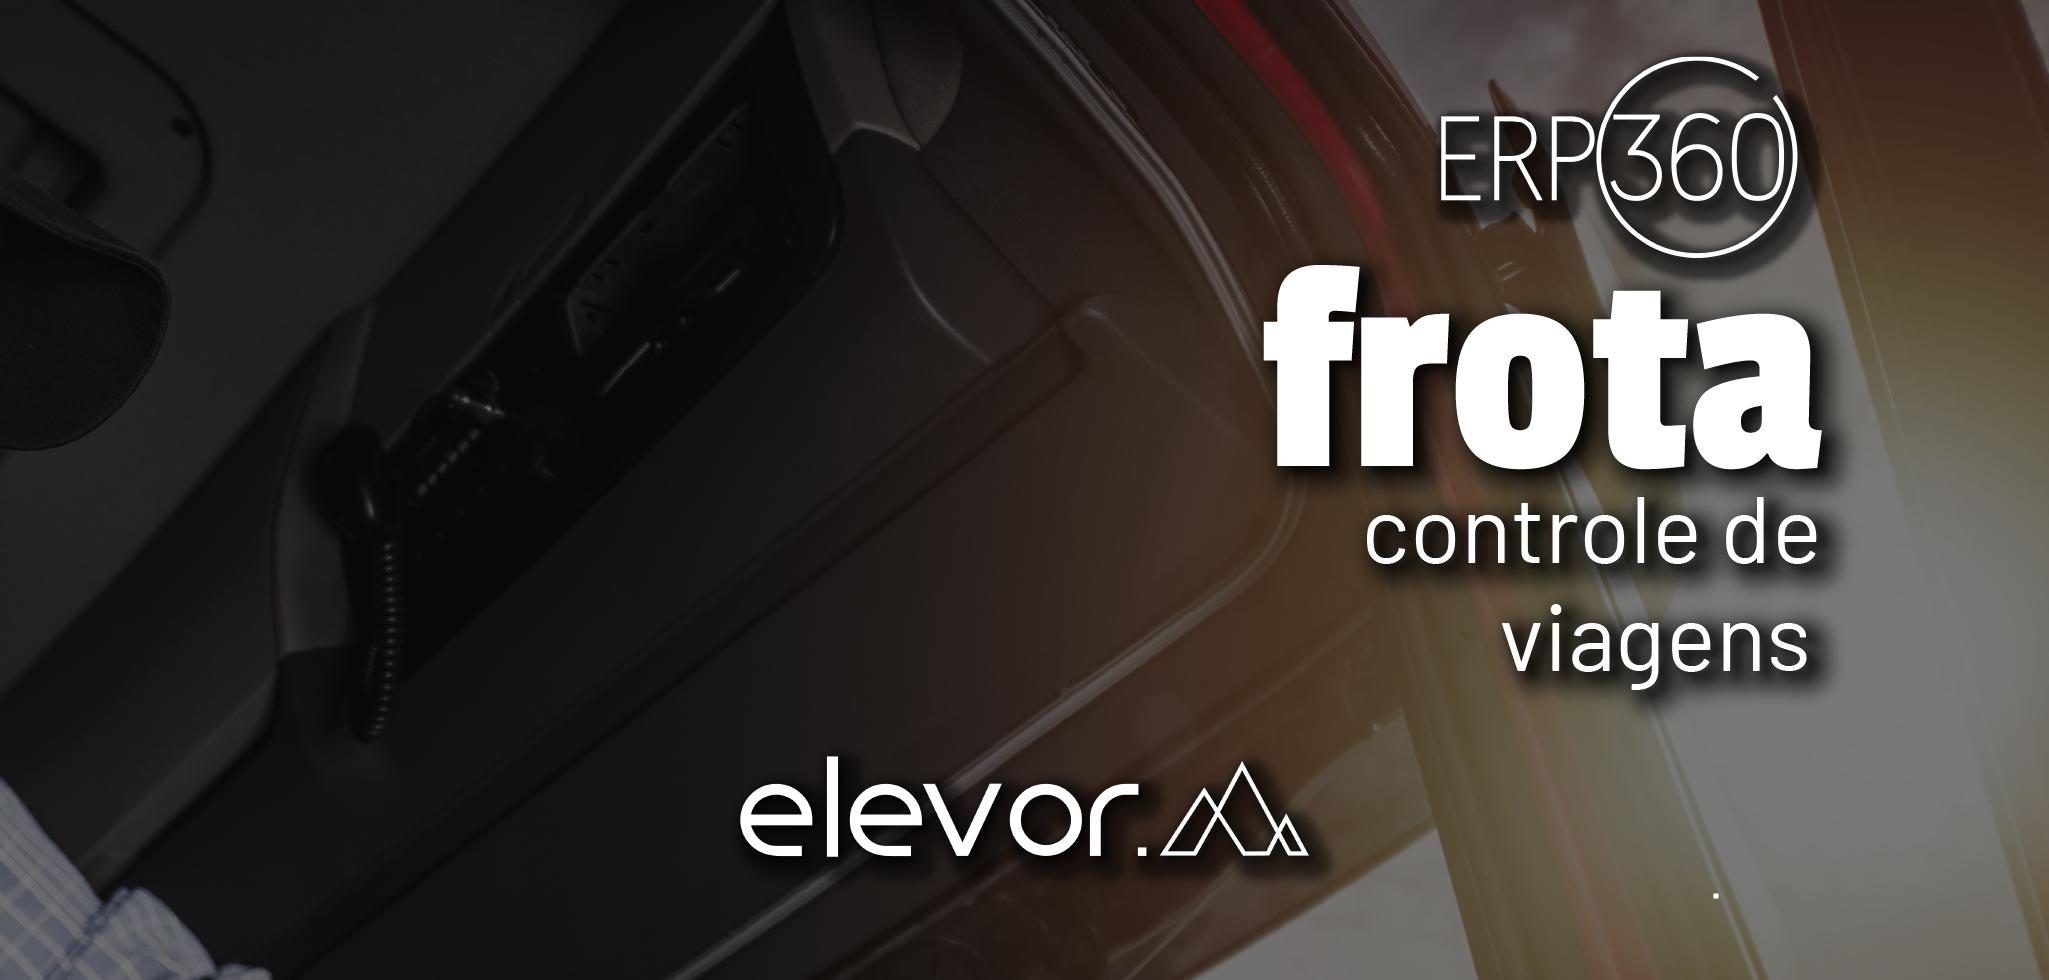 Módulo Frota – Controle de viagens